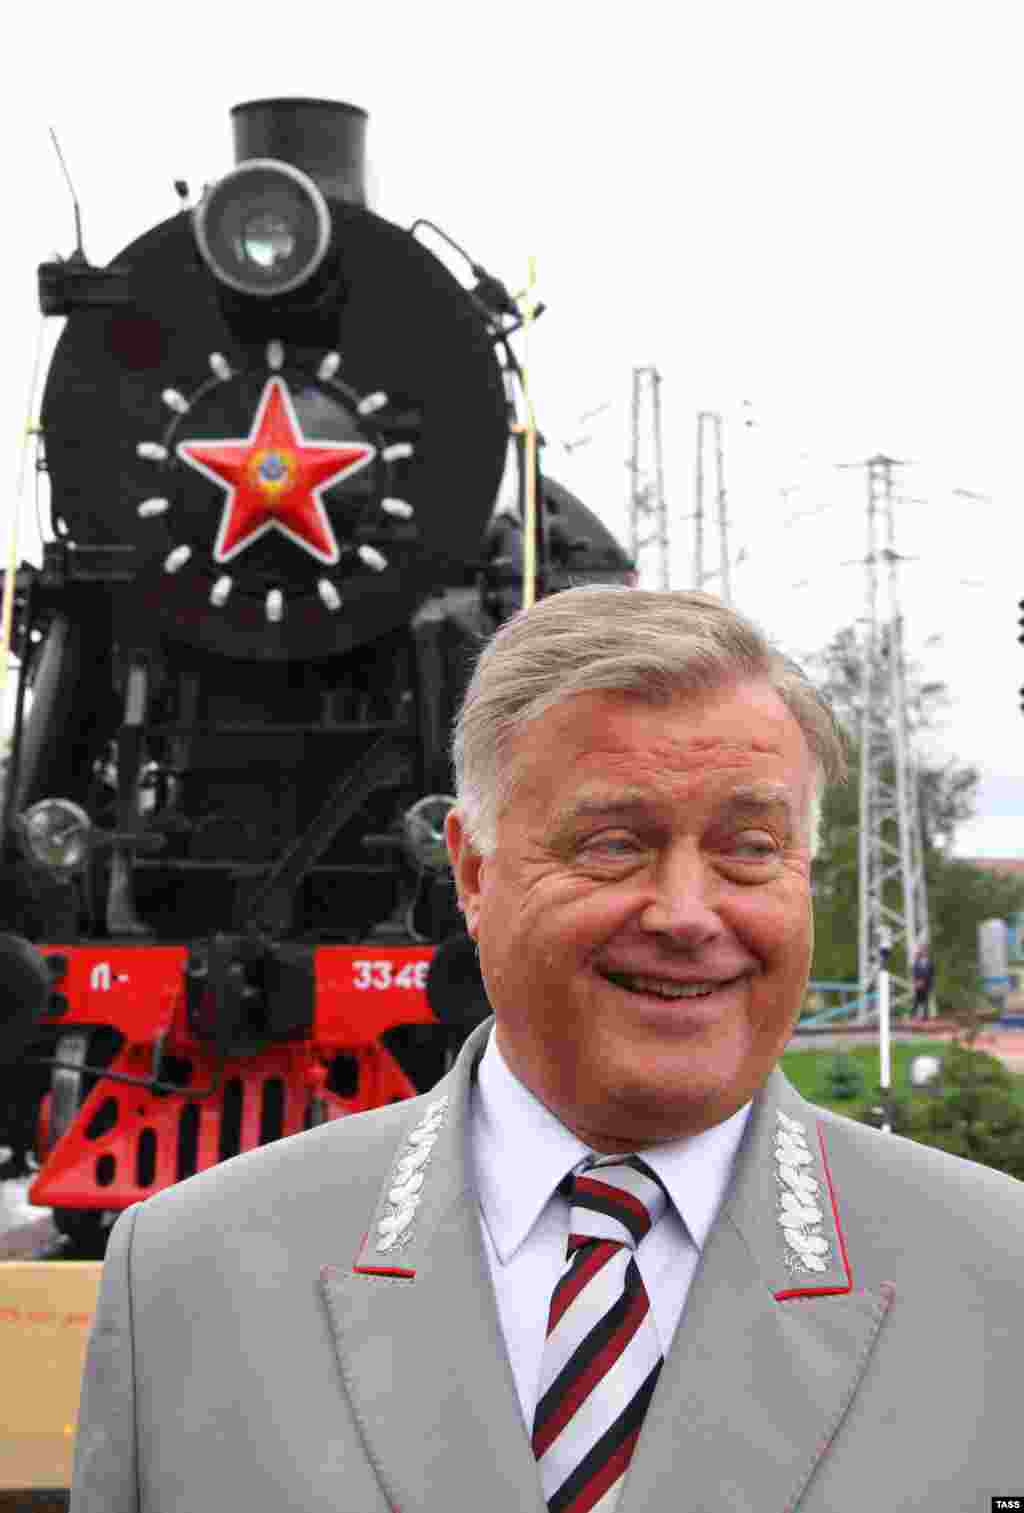 Сентябрь 2012 года,Владимир Якунин во время показа железнодорожной техникив рамках празднования 175-летия железных дорог России